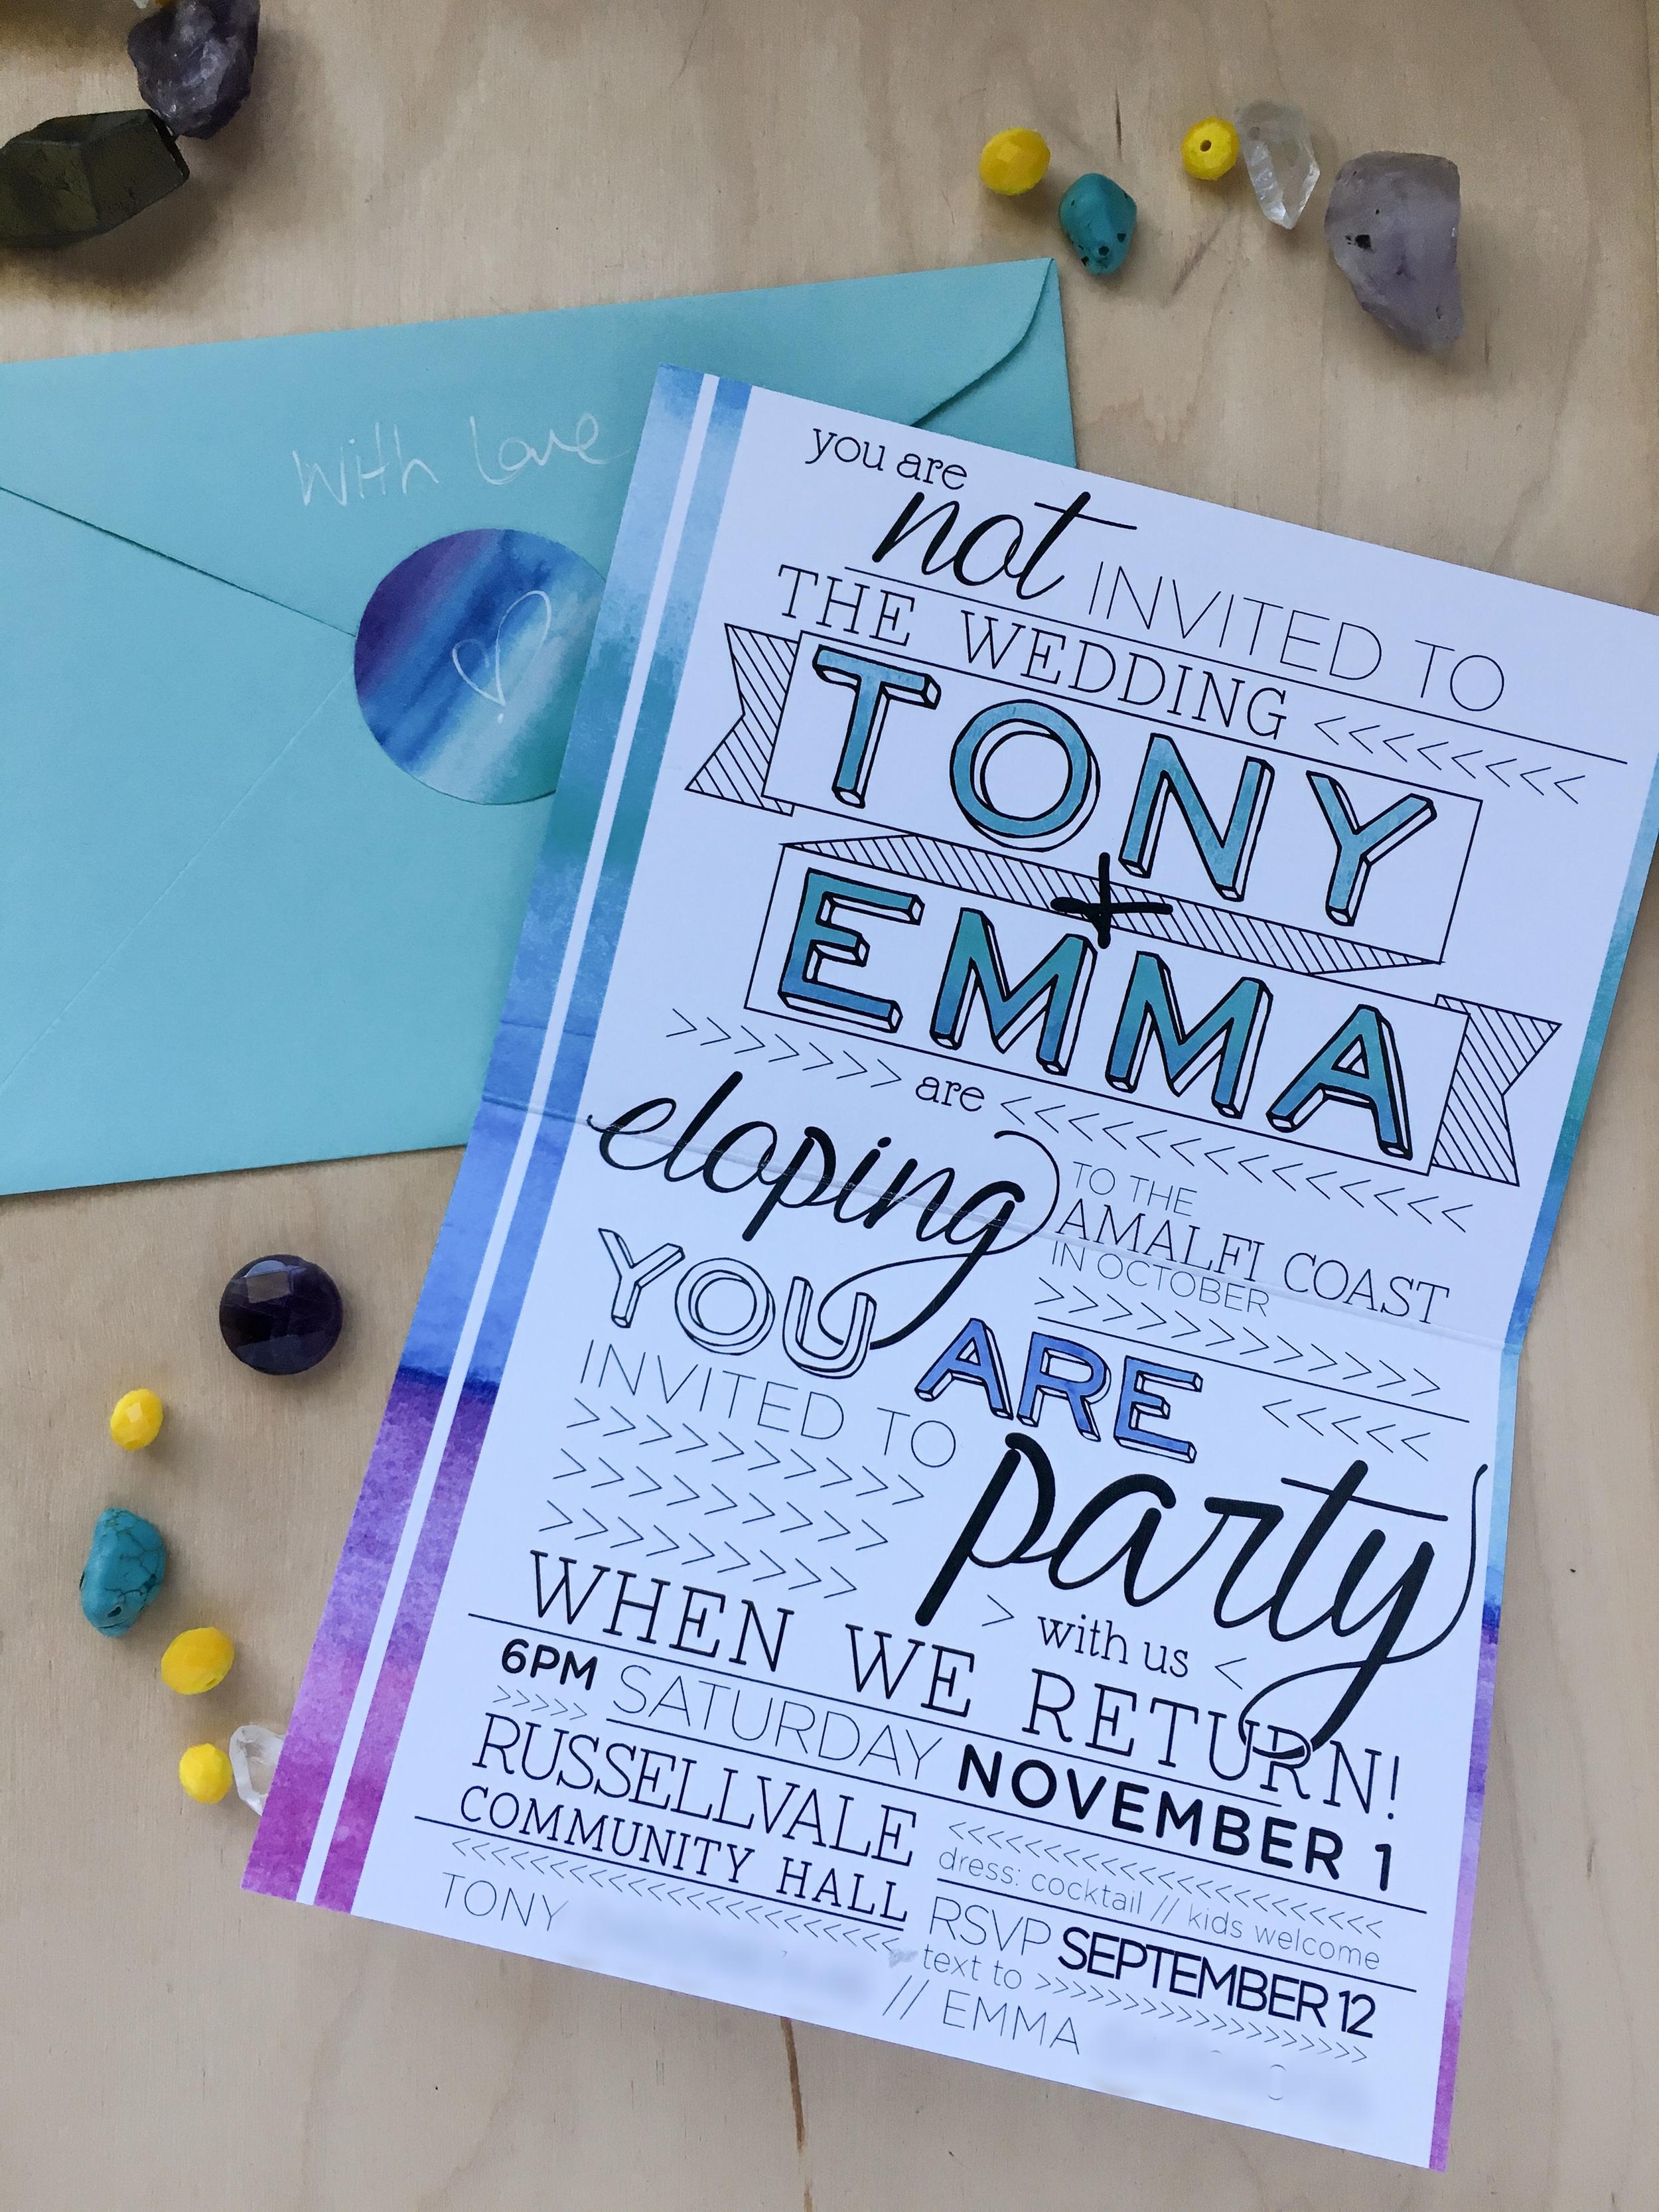 Emma & Tony inside